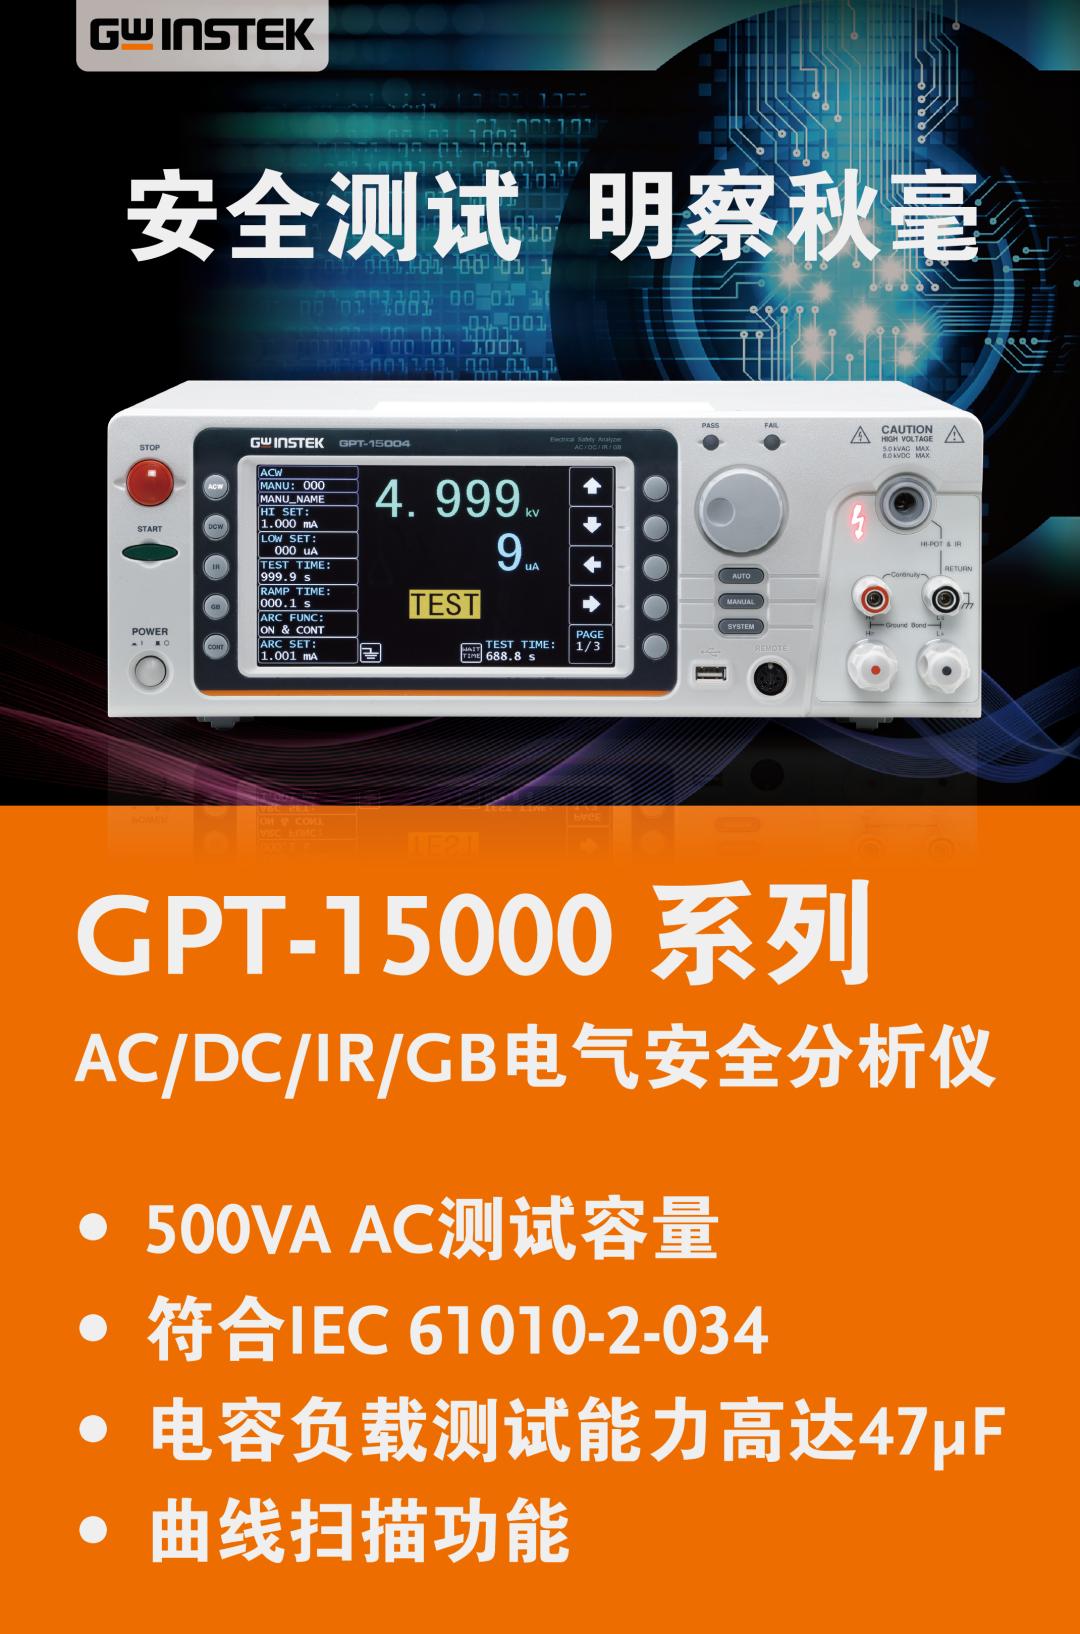 固纬电子全新电气安全分析仪GPT-15000系列上市啦!